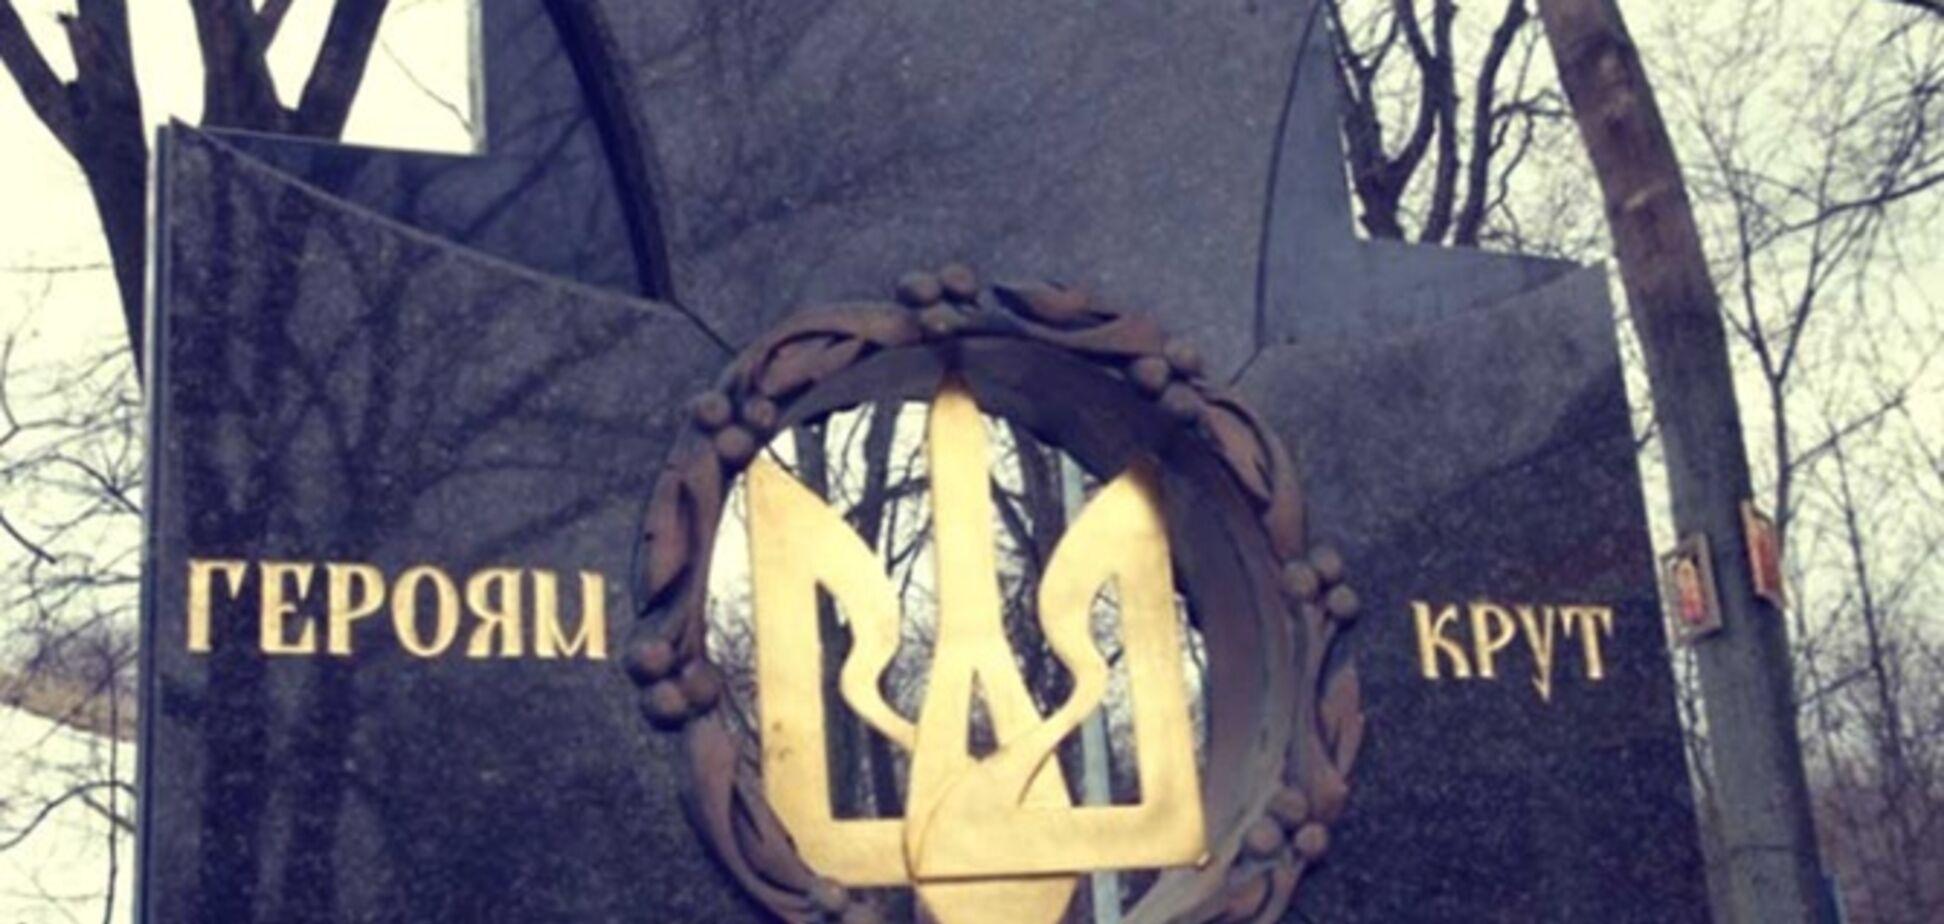 Пам'ятник Героям Крут